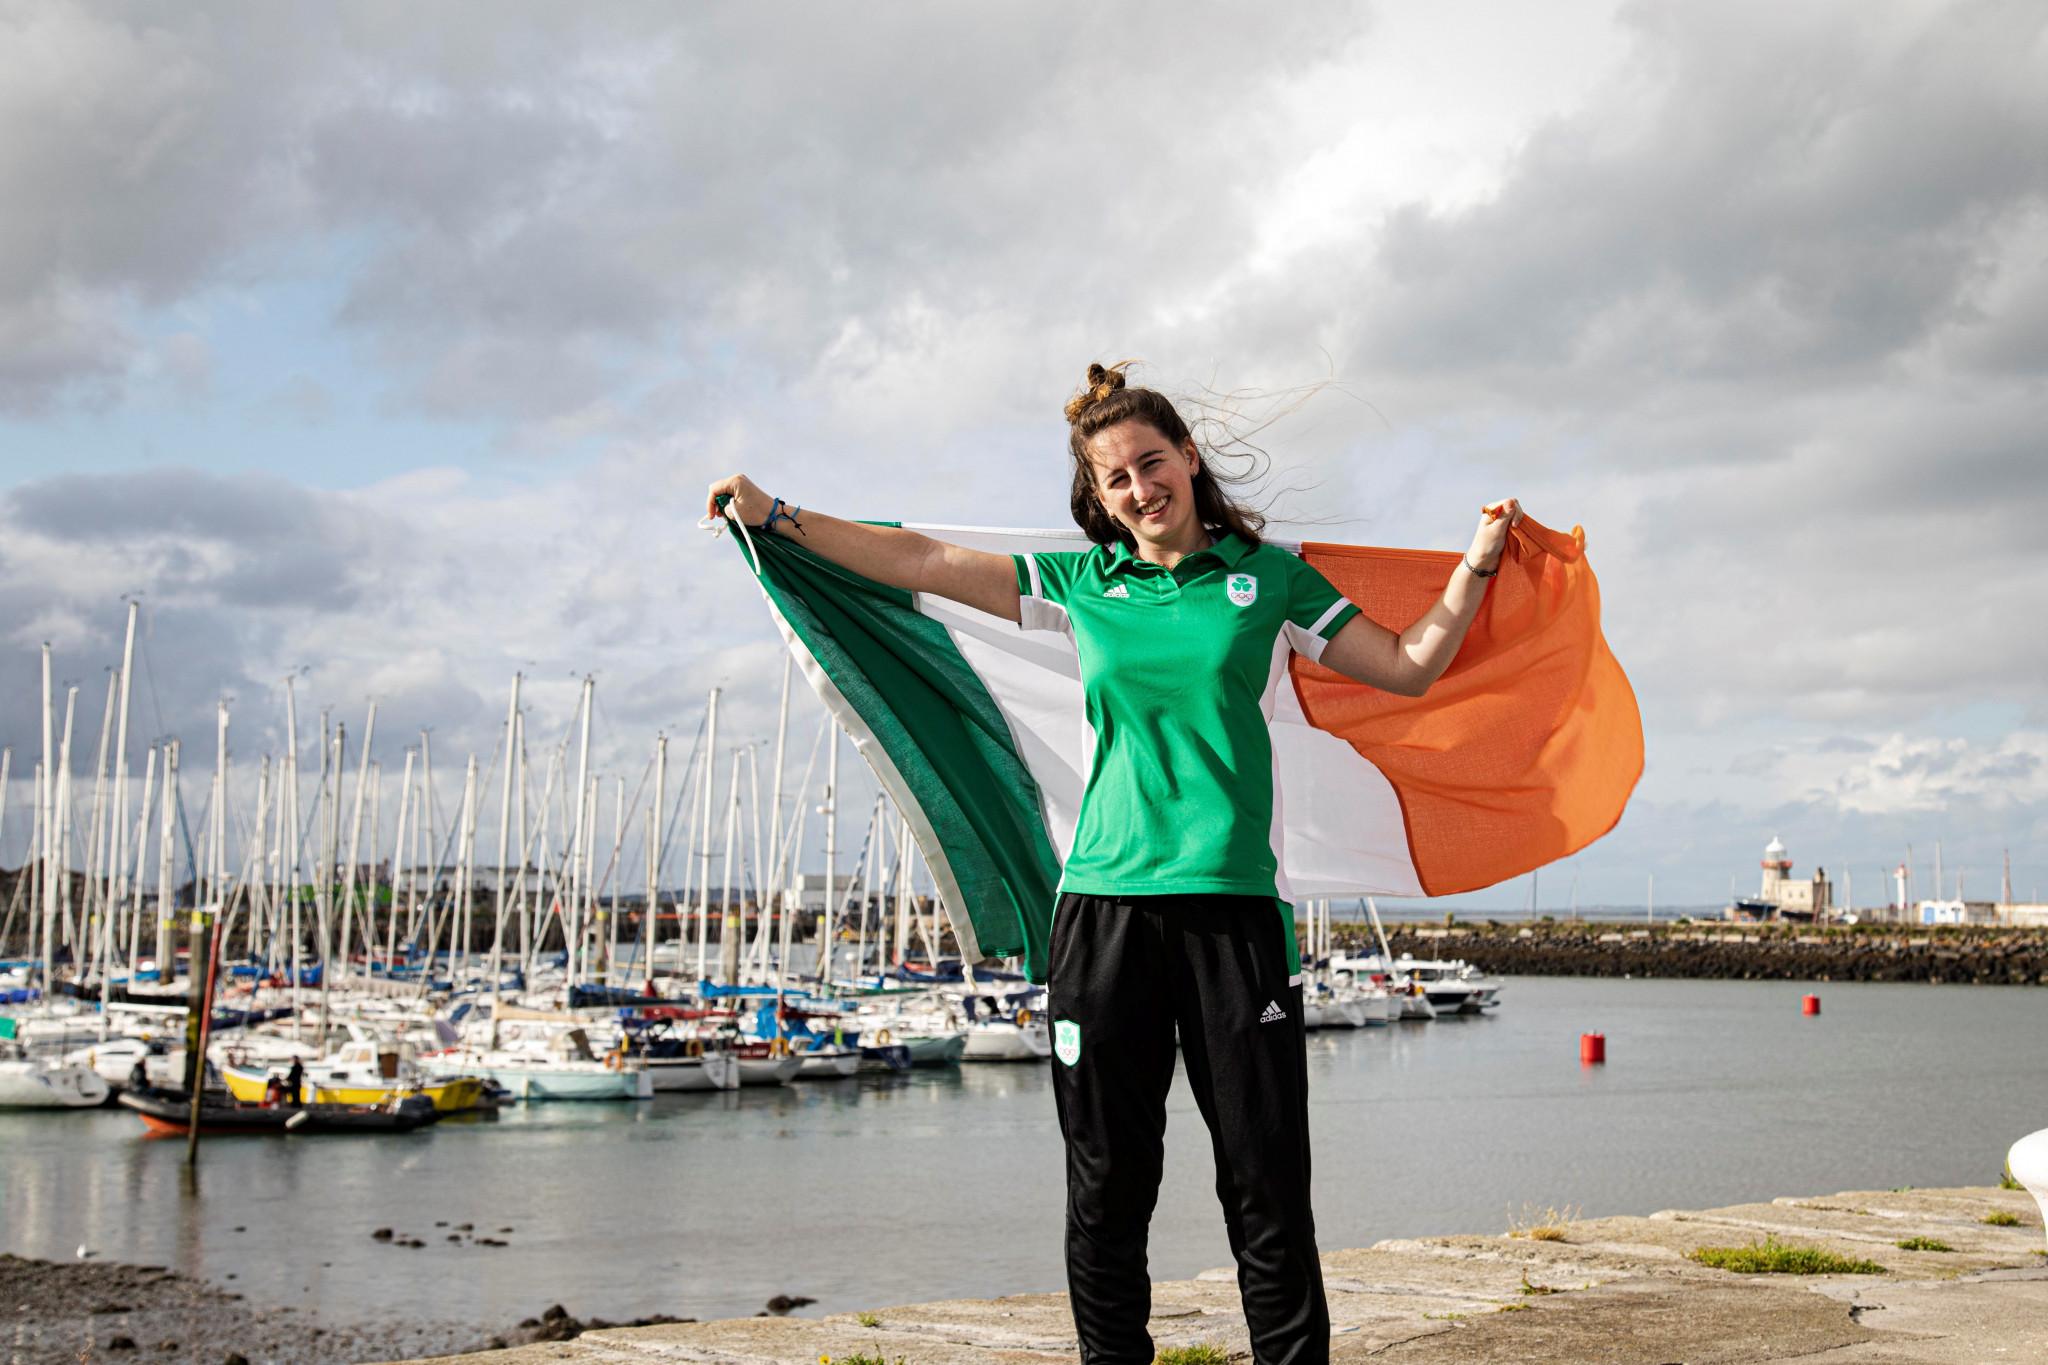 Irish duo target wakeboarding glory at inaugural ANOC World Beach Games